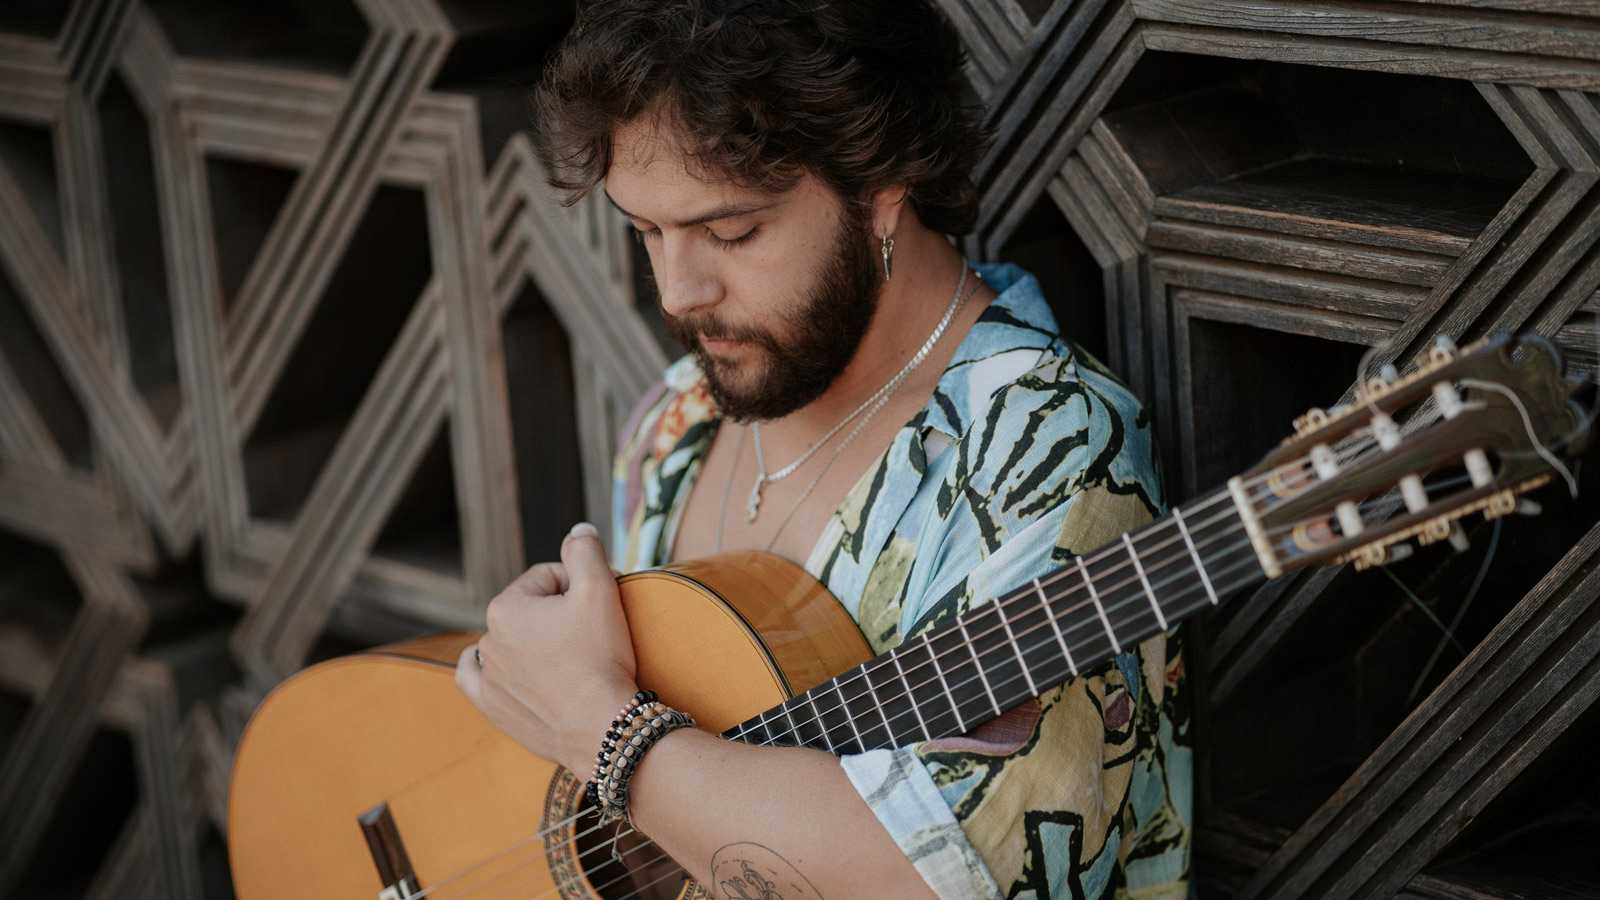 Tiempo Flamenco - Luis Medina en 'Movimiento' - 27/02/21 - escuchar ahora